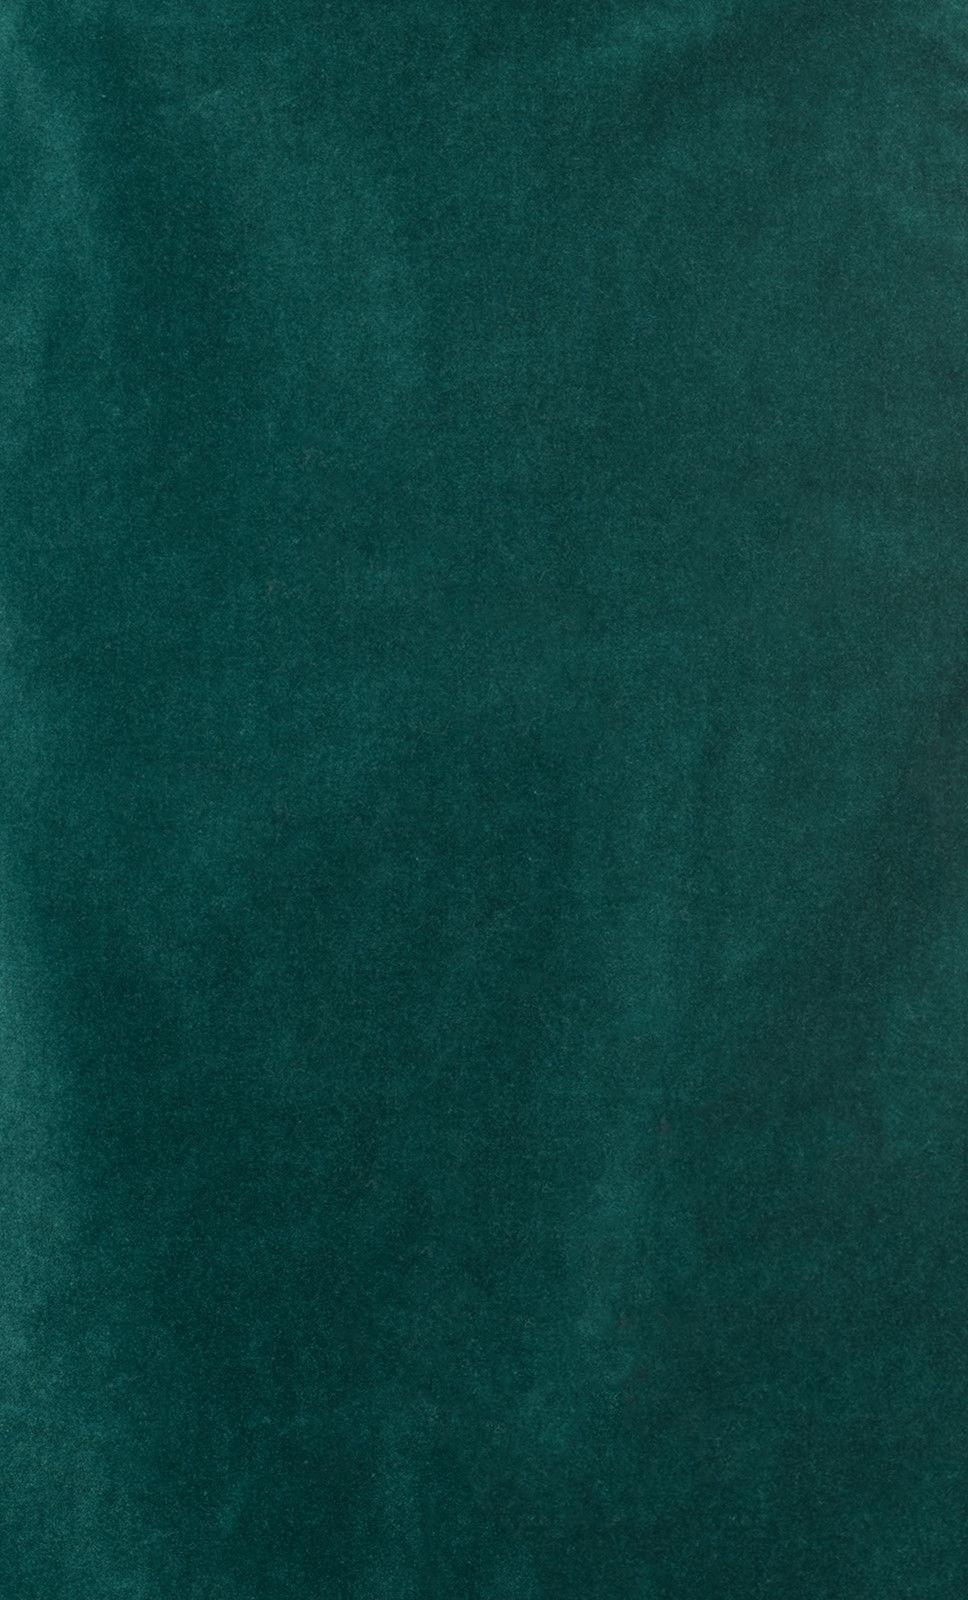 Woven-Velvet-Peacock-Green